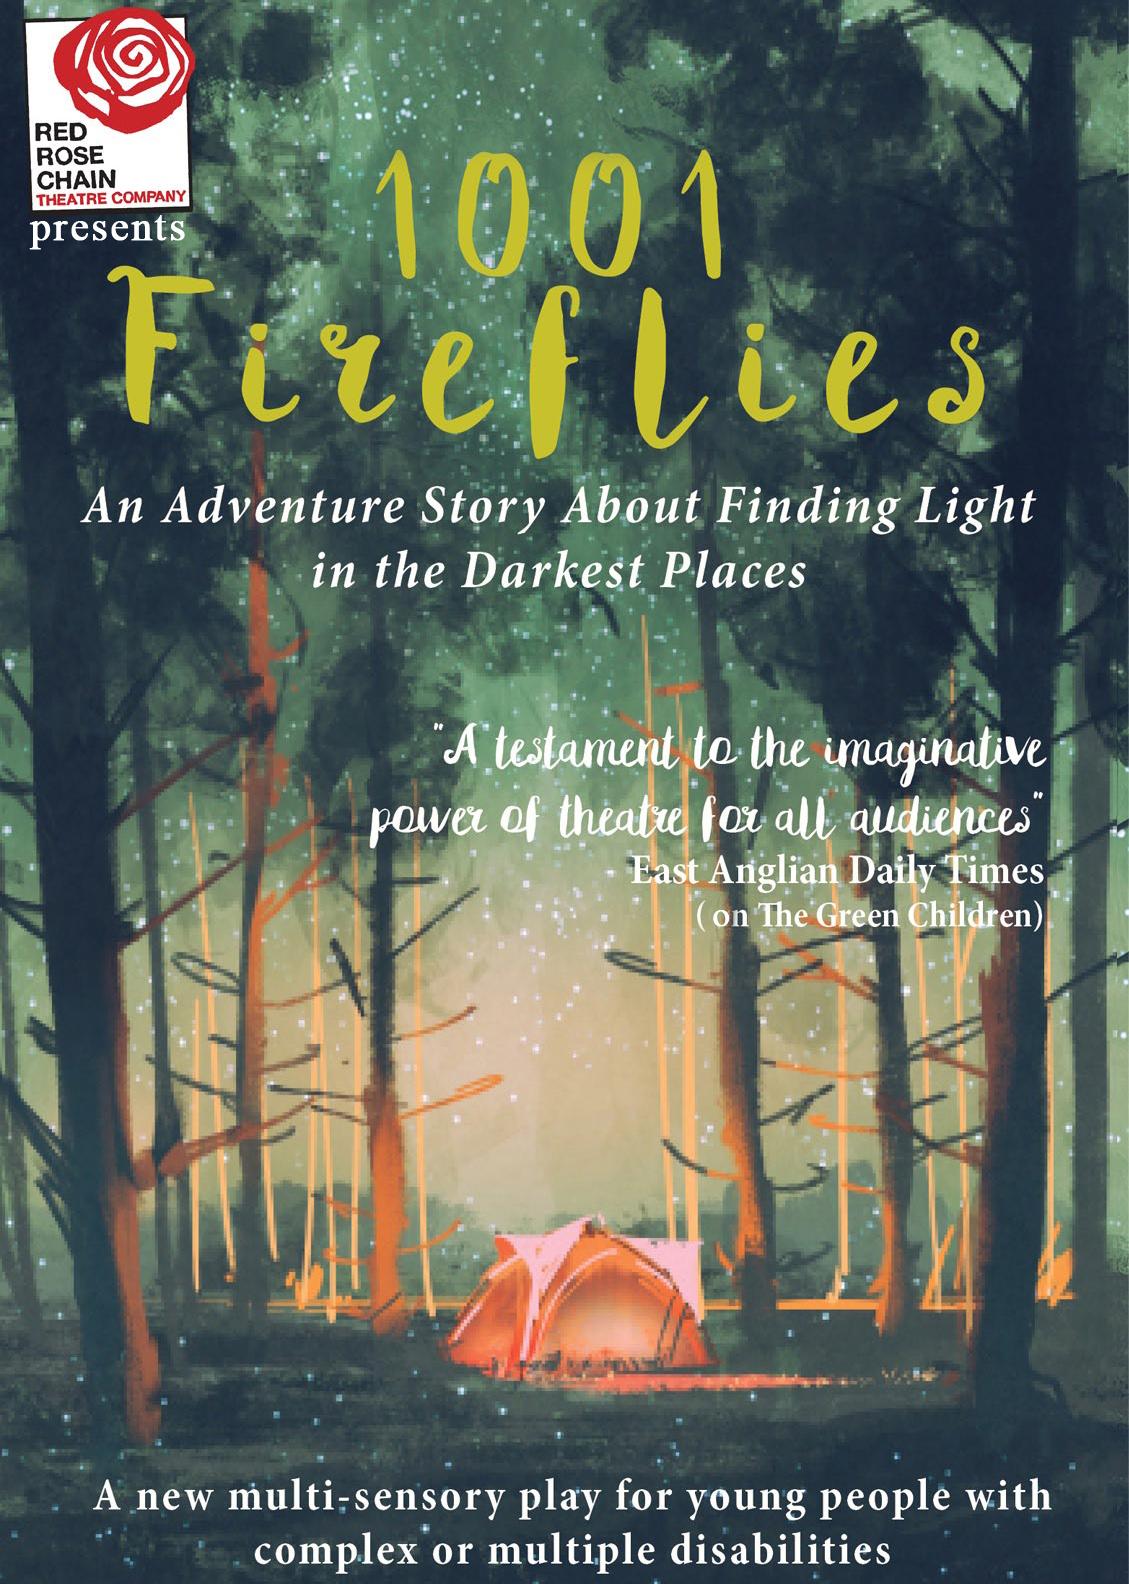 1001 fireflies